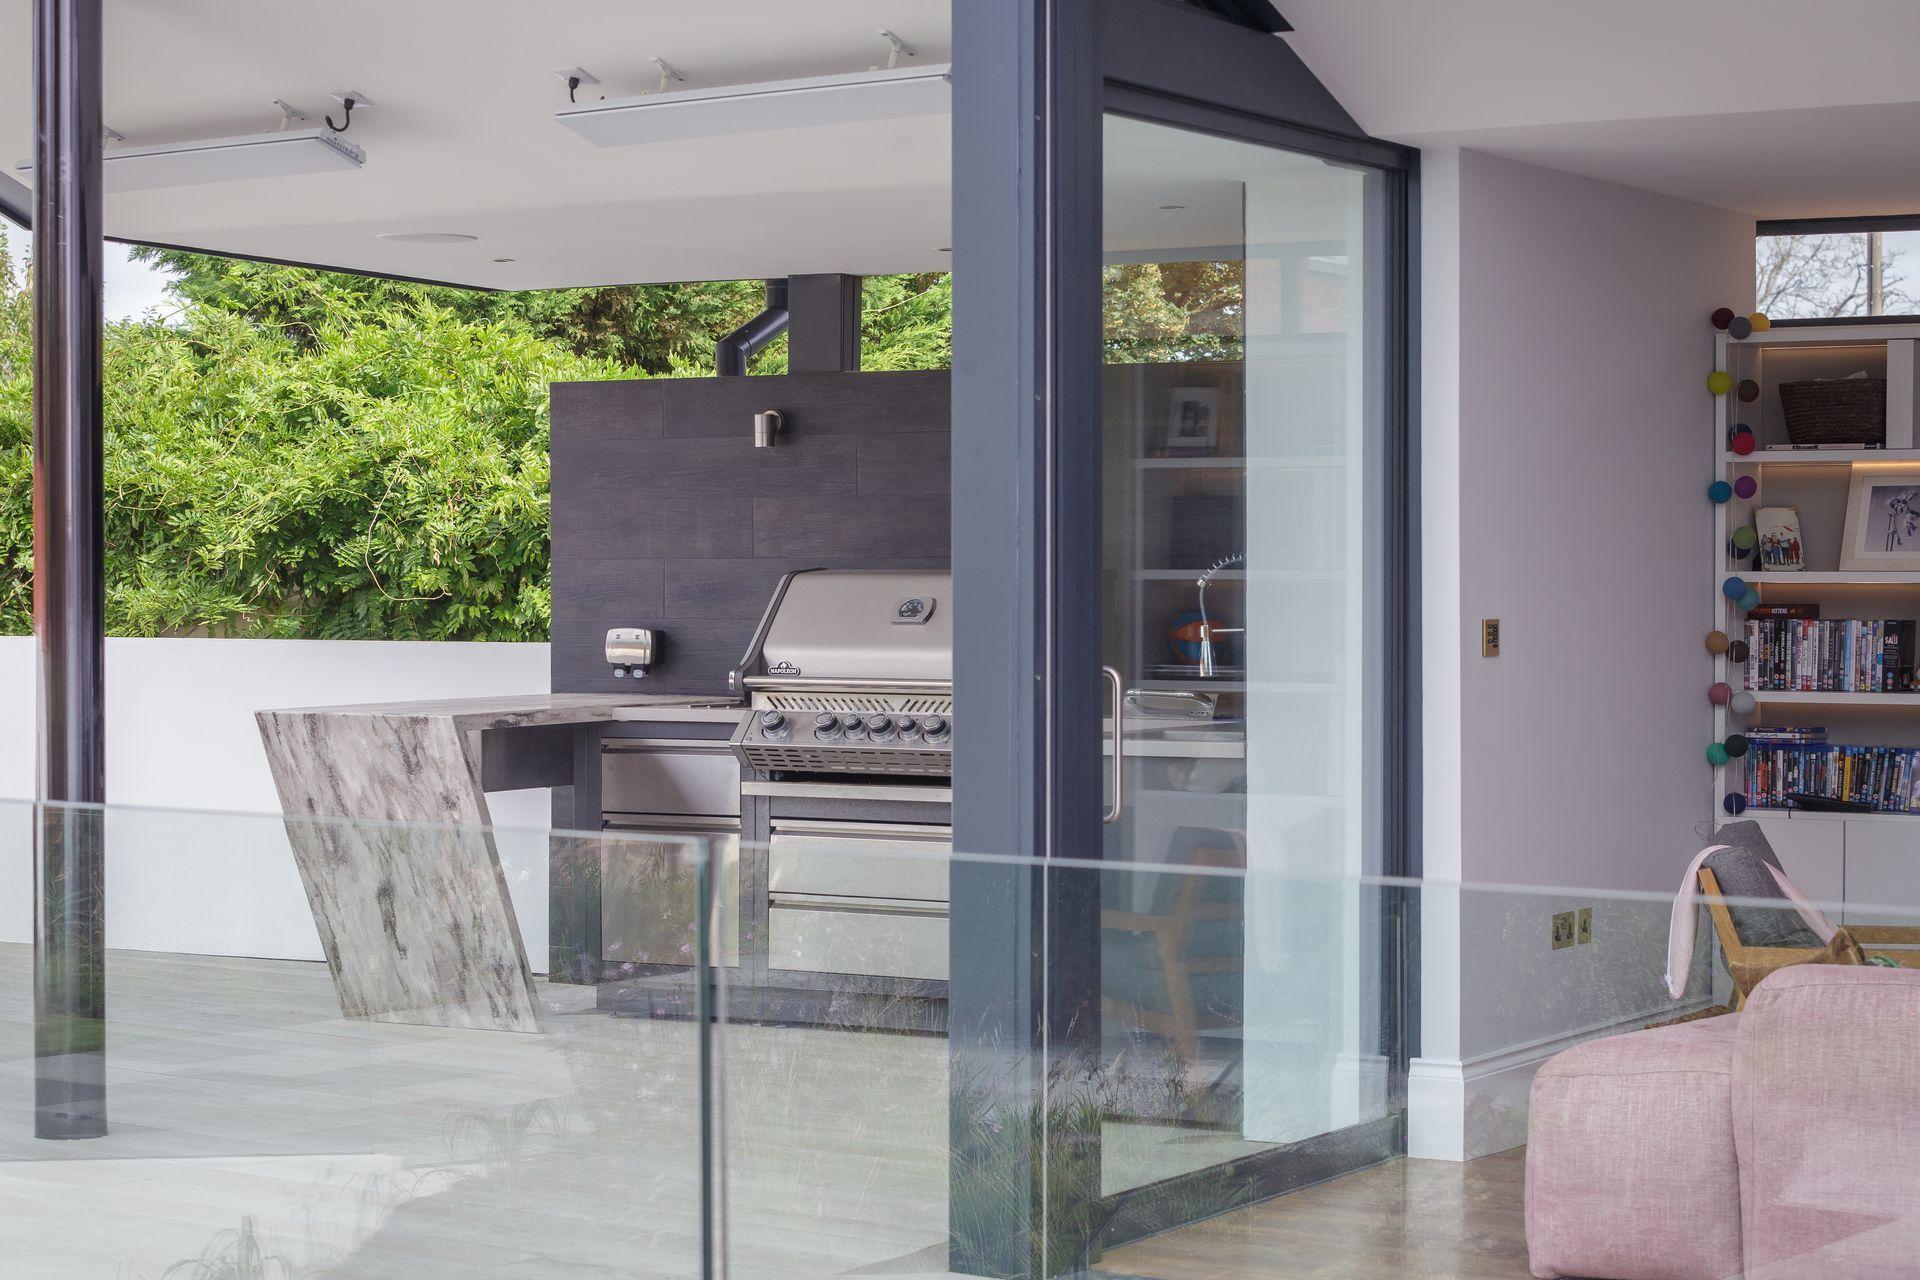 CE - Sydenham Villas - Outside - BBQ 002